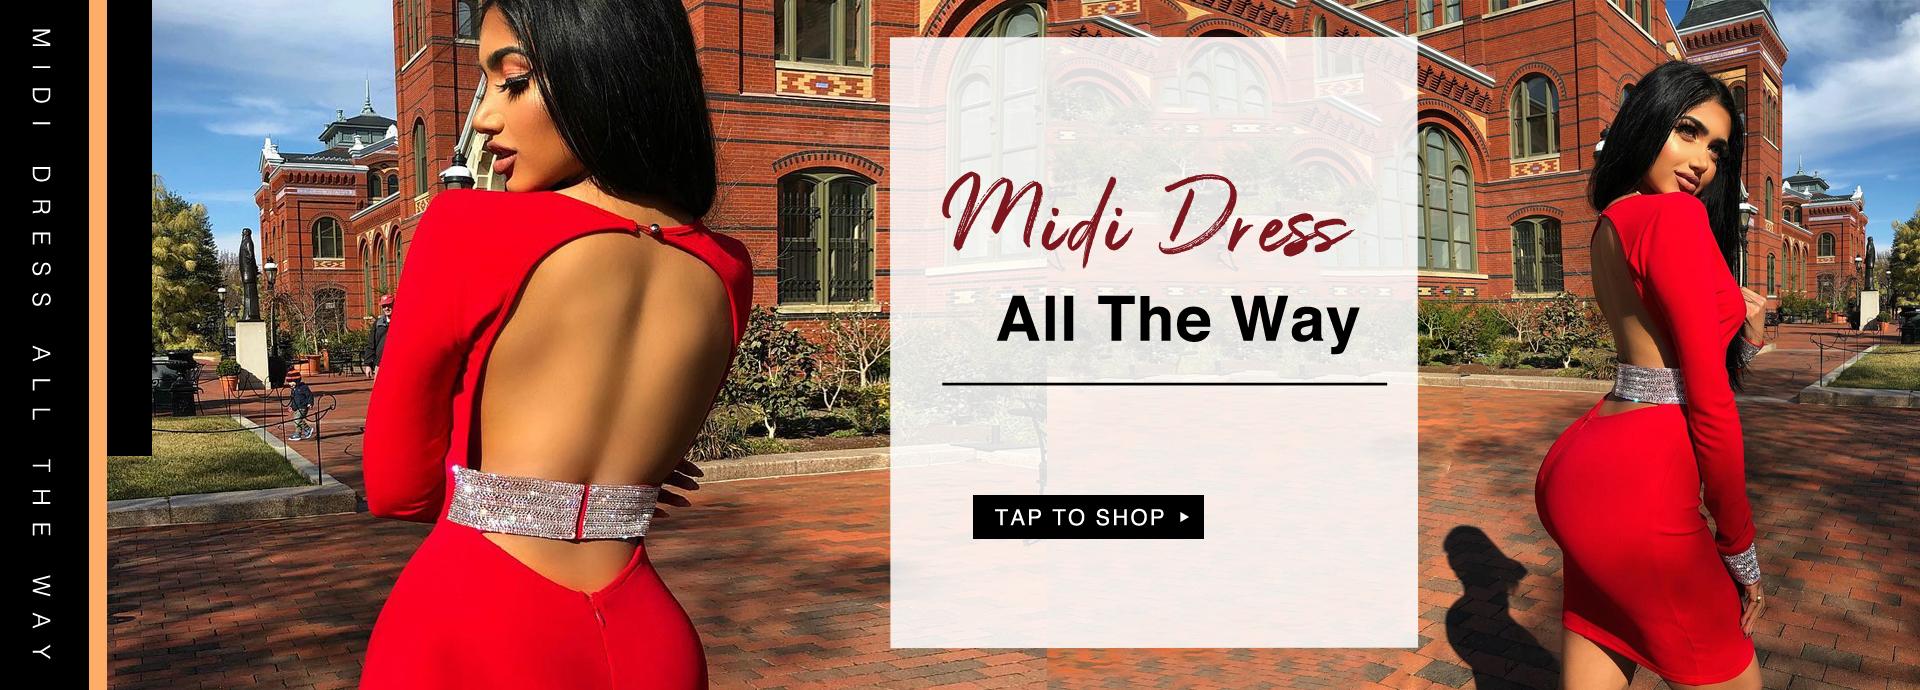 Midi Dress All The Way